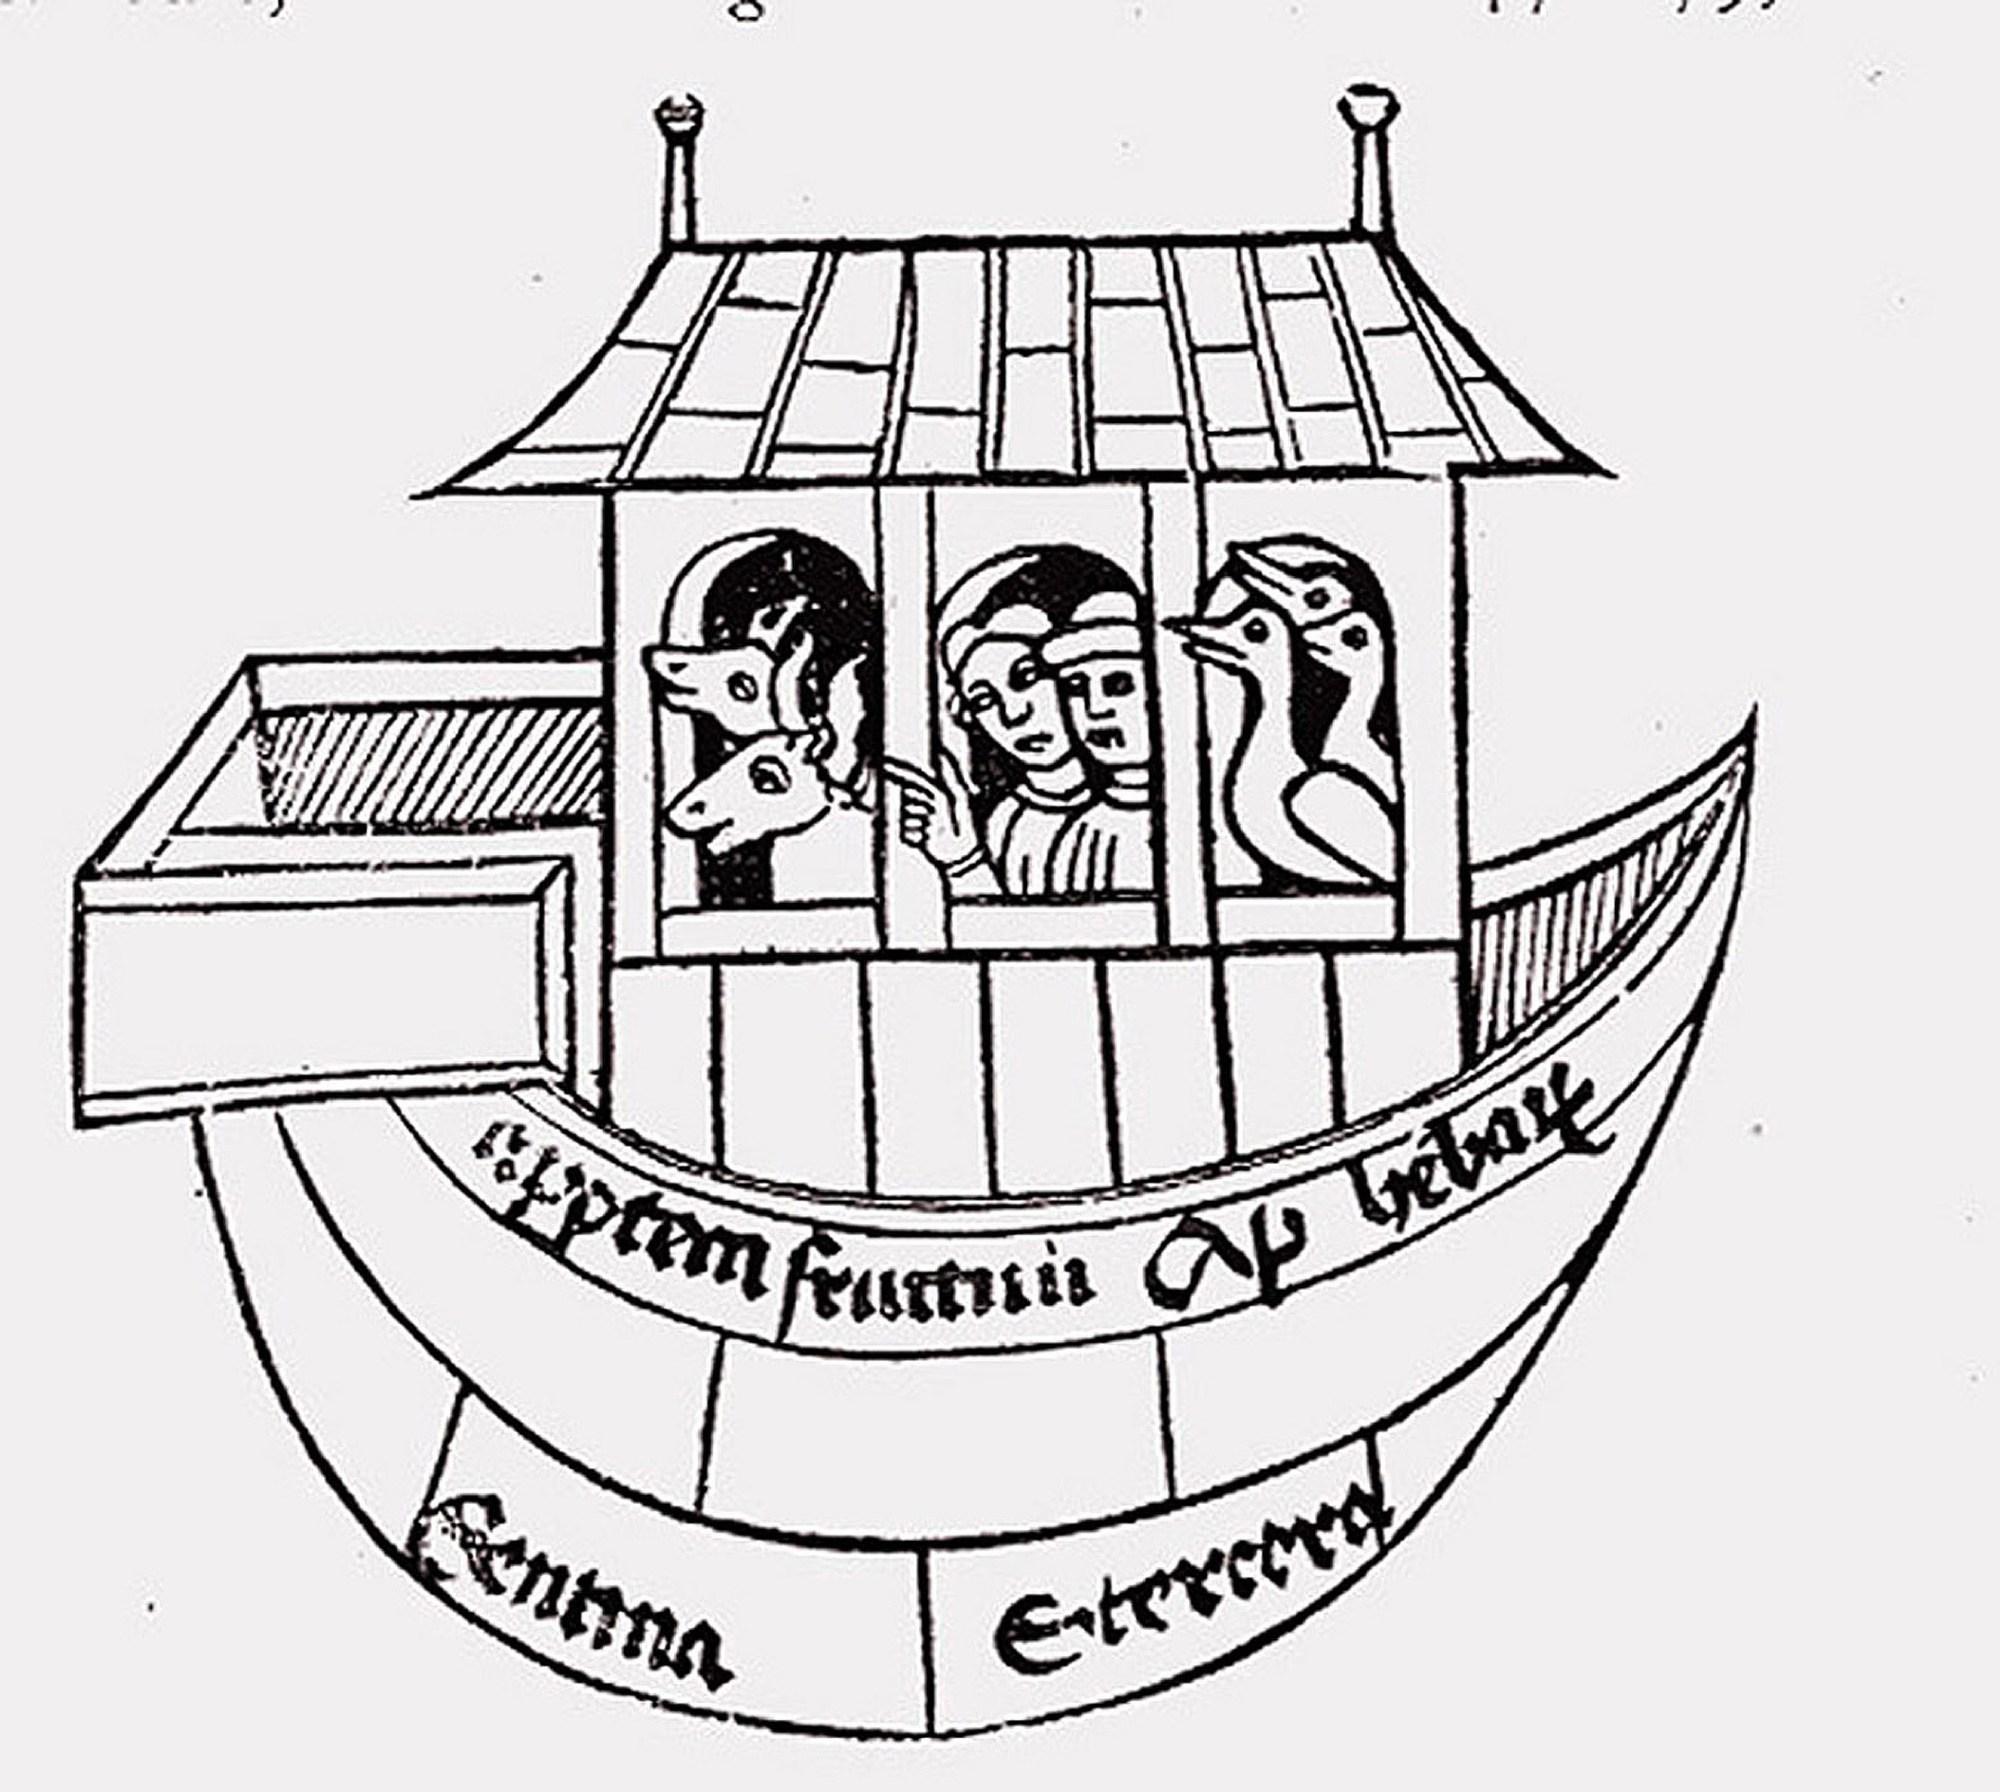 hight resolution of noah ark diagram